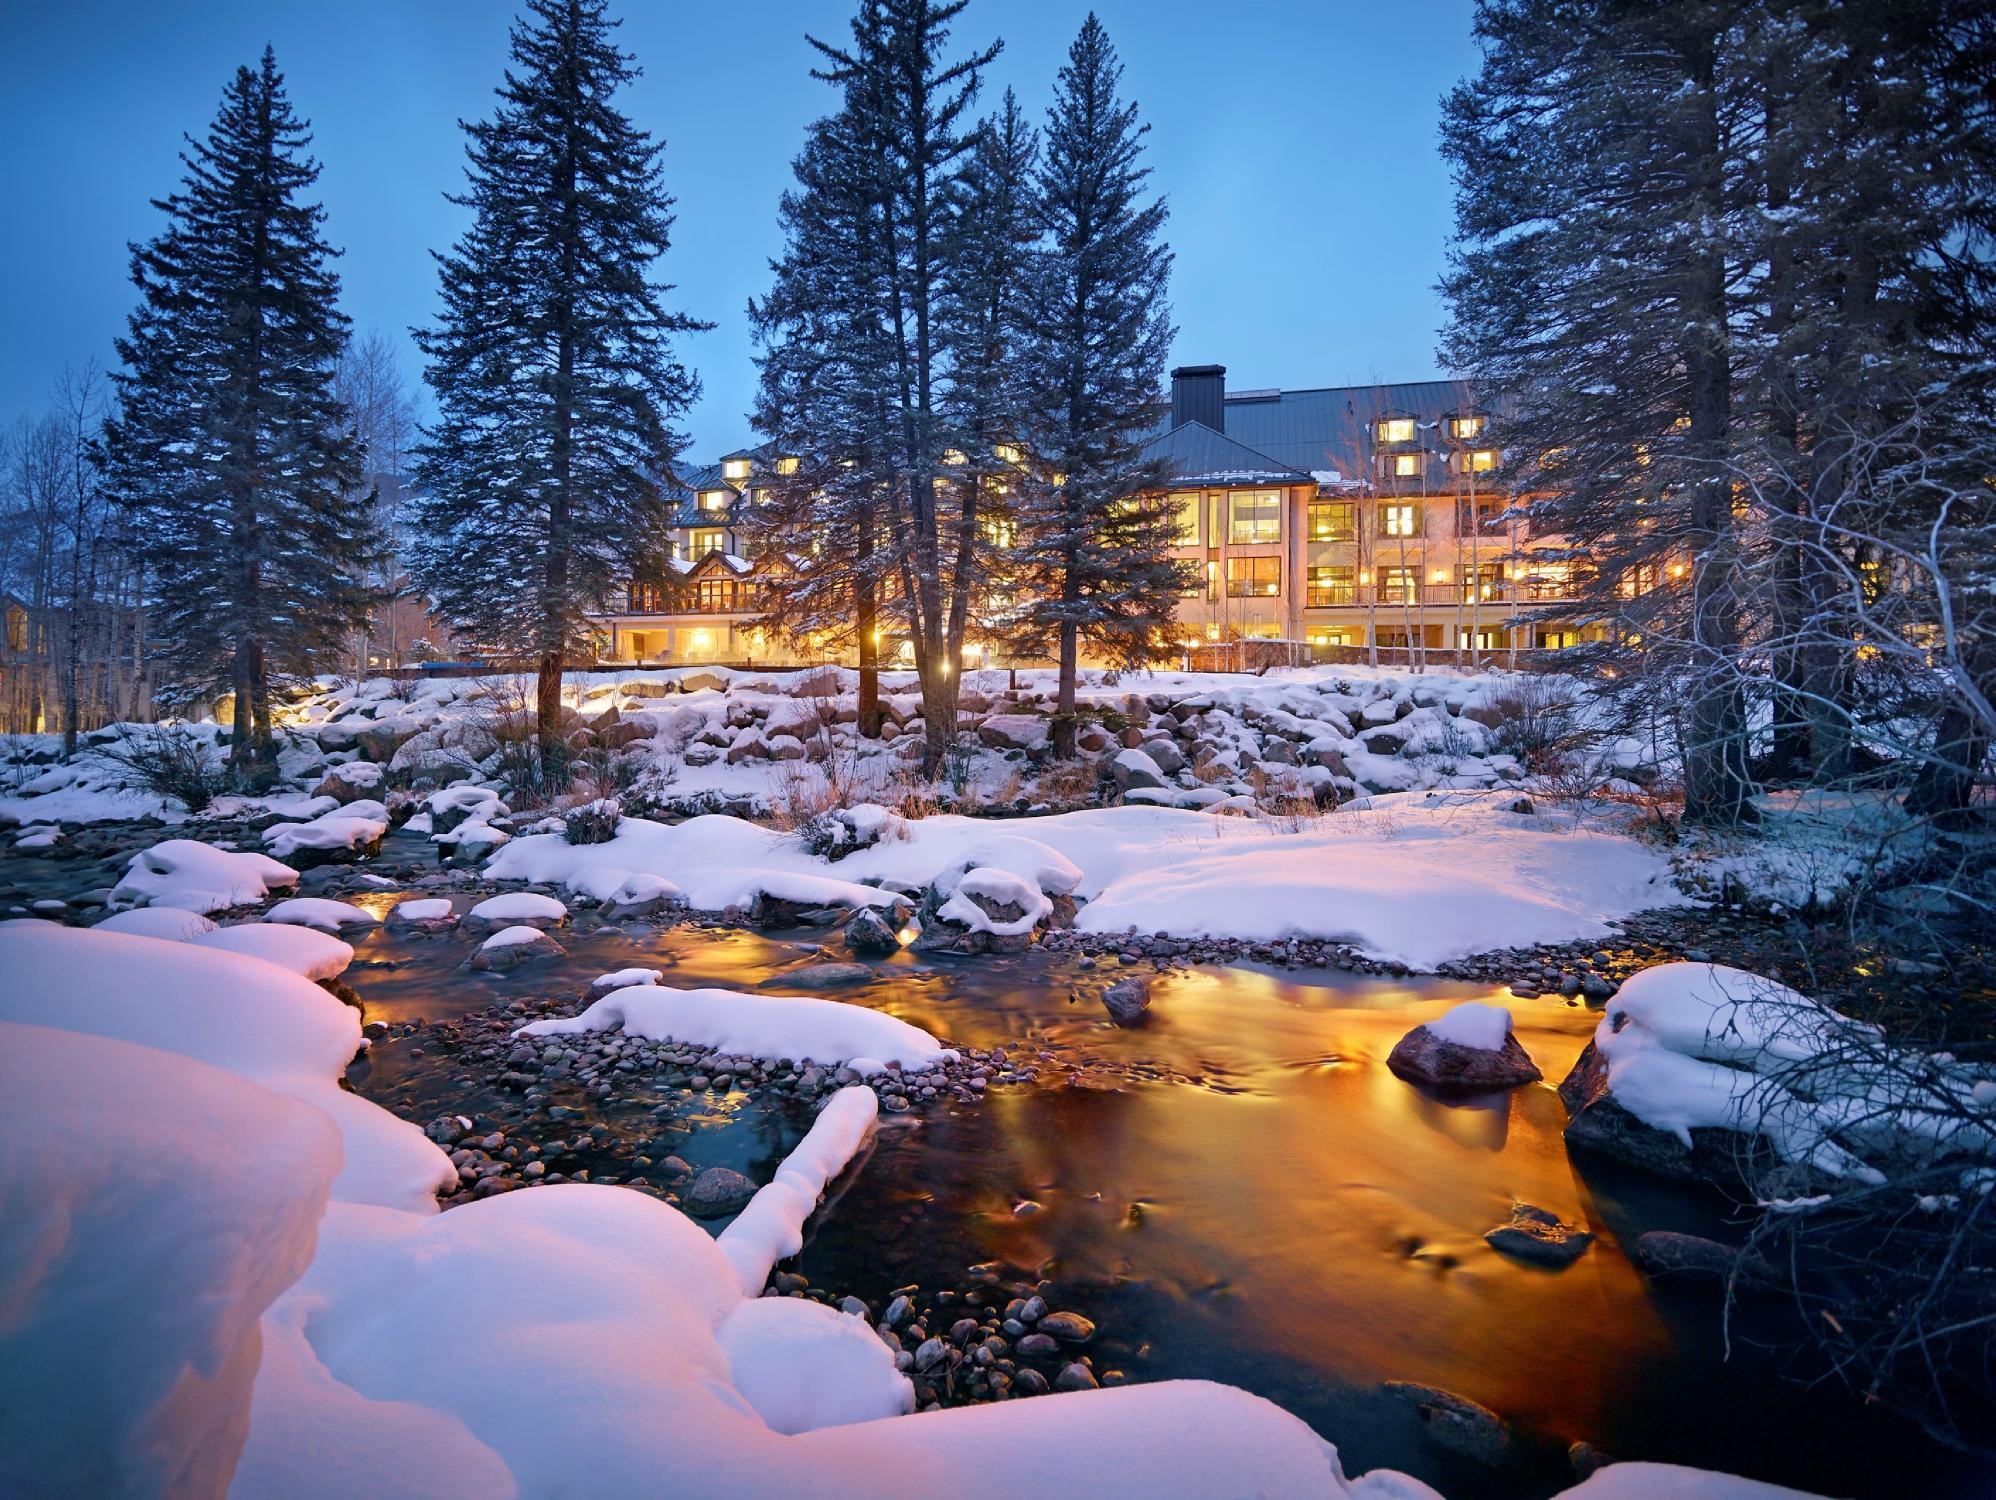 Vail Cascade Resort & Spa